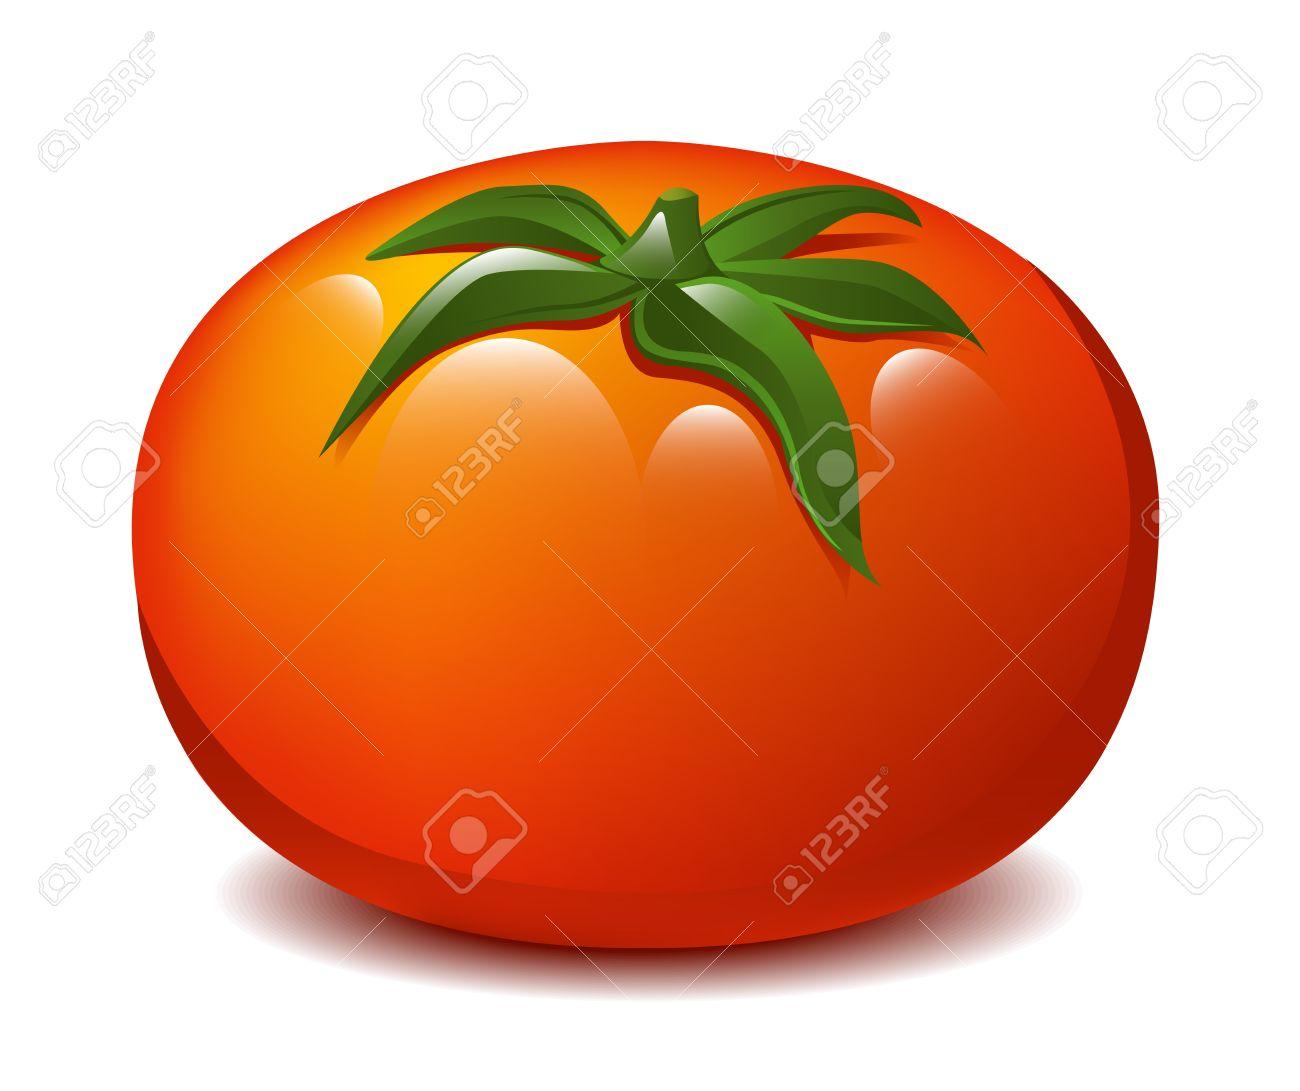 Realistic tomato illustration Stock Vector - 18263877